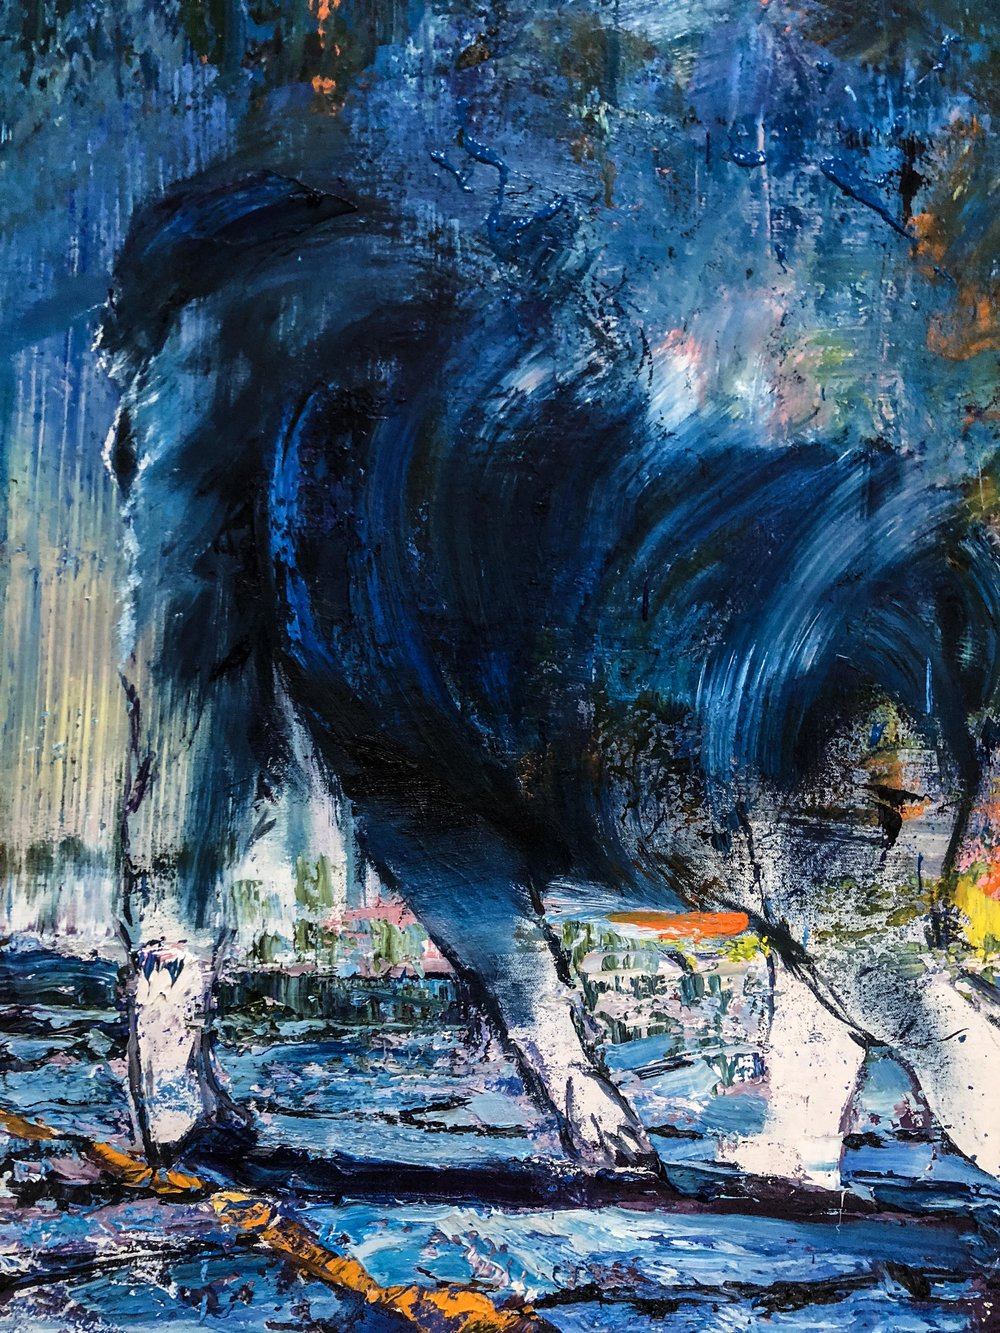 Chad Robertson Blue Gorilla Detail 03